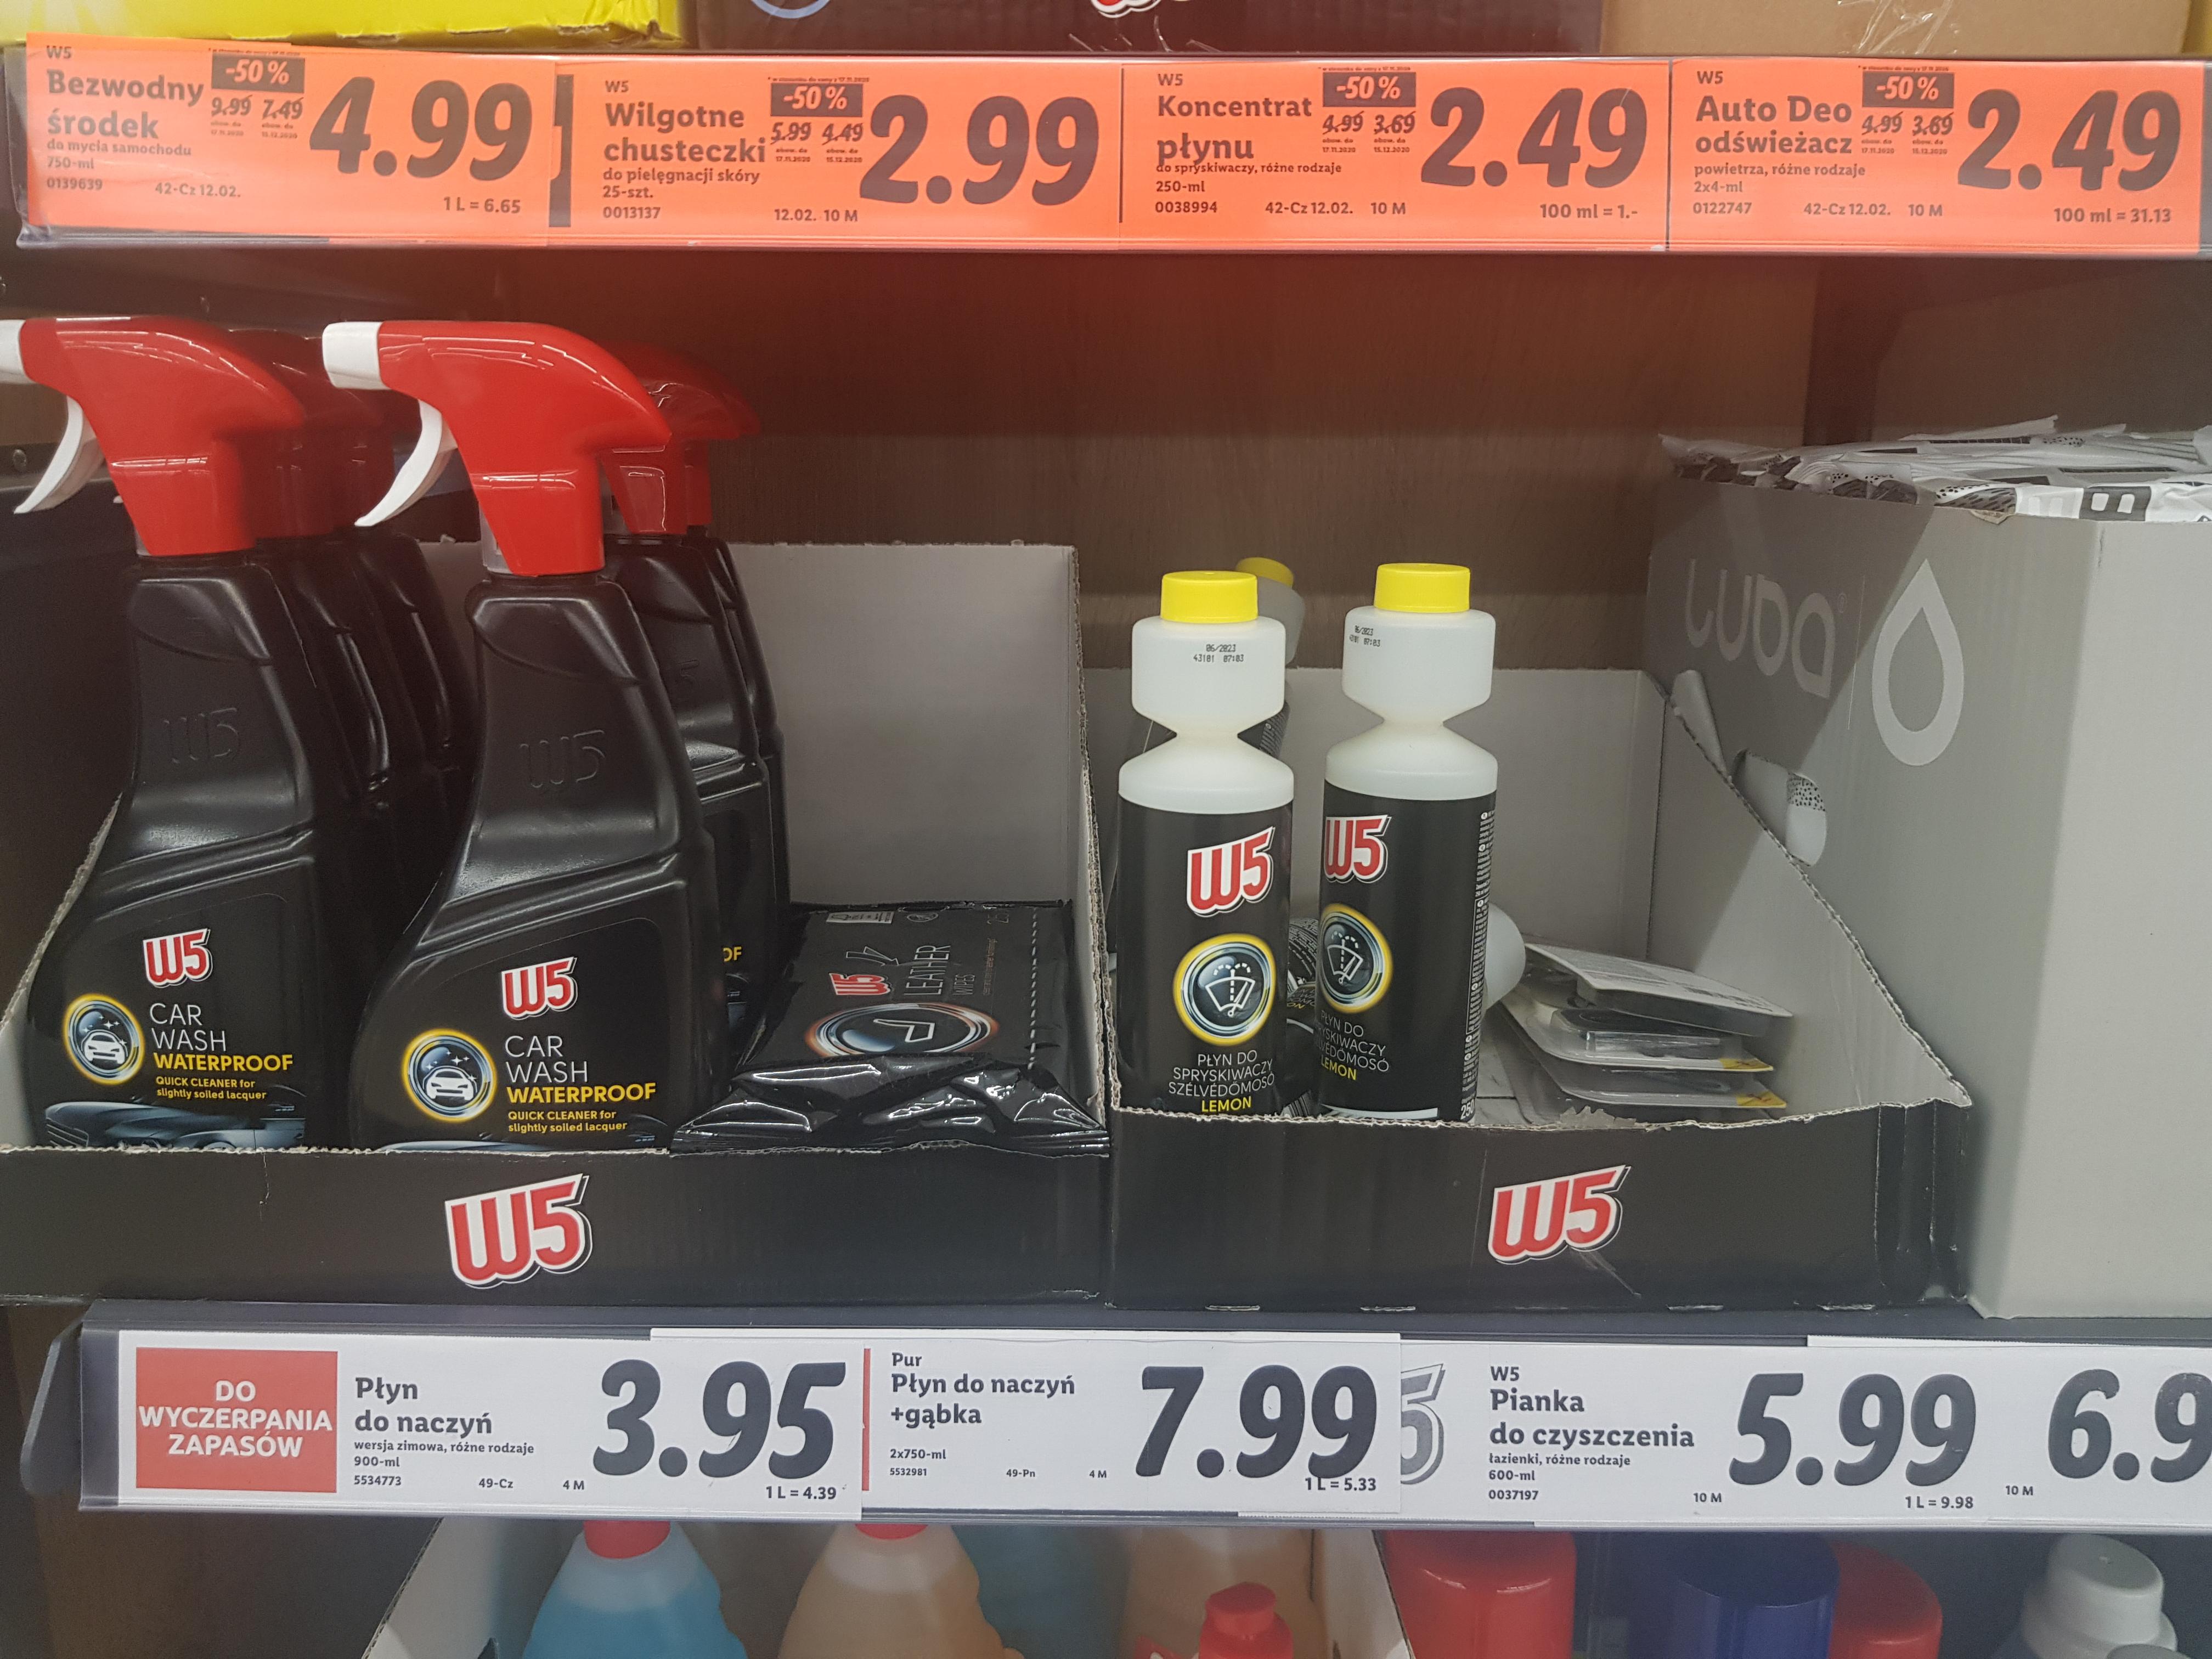 Lidl - kosmetyki samochodowe W5 i inne za pół ceny. Lista w opisie